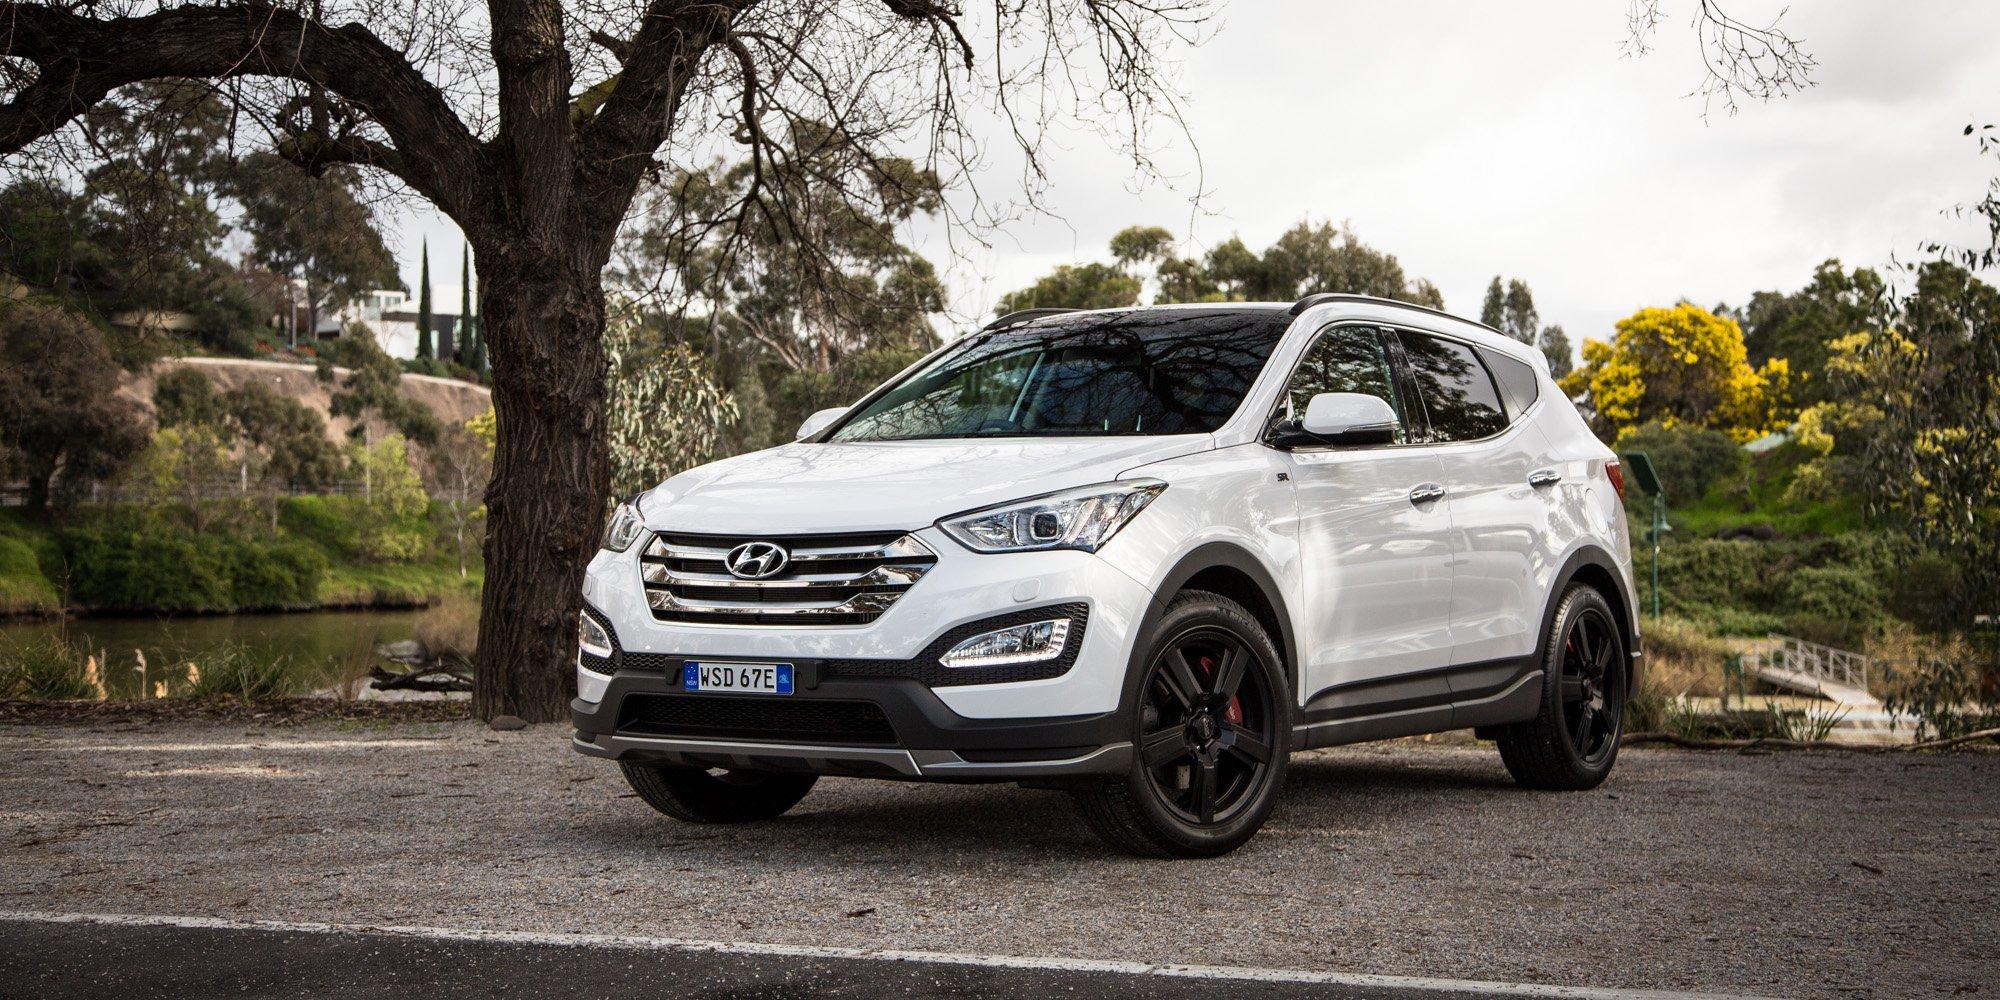 2016 Hyundai Santa Fe >> 2016 Hyundai Santa Fe SR Review | CarAdvice